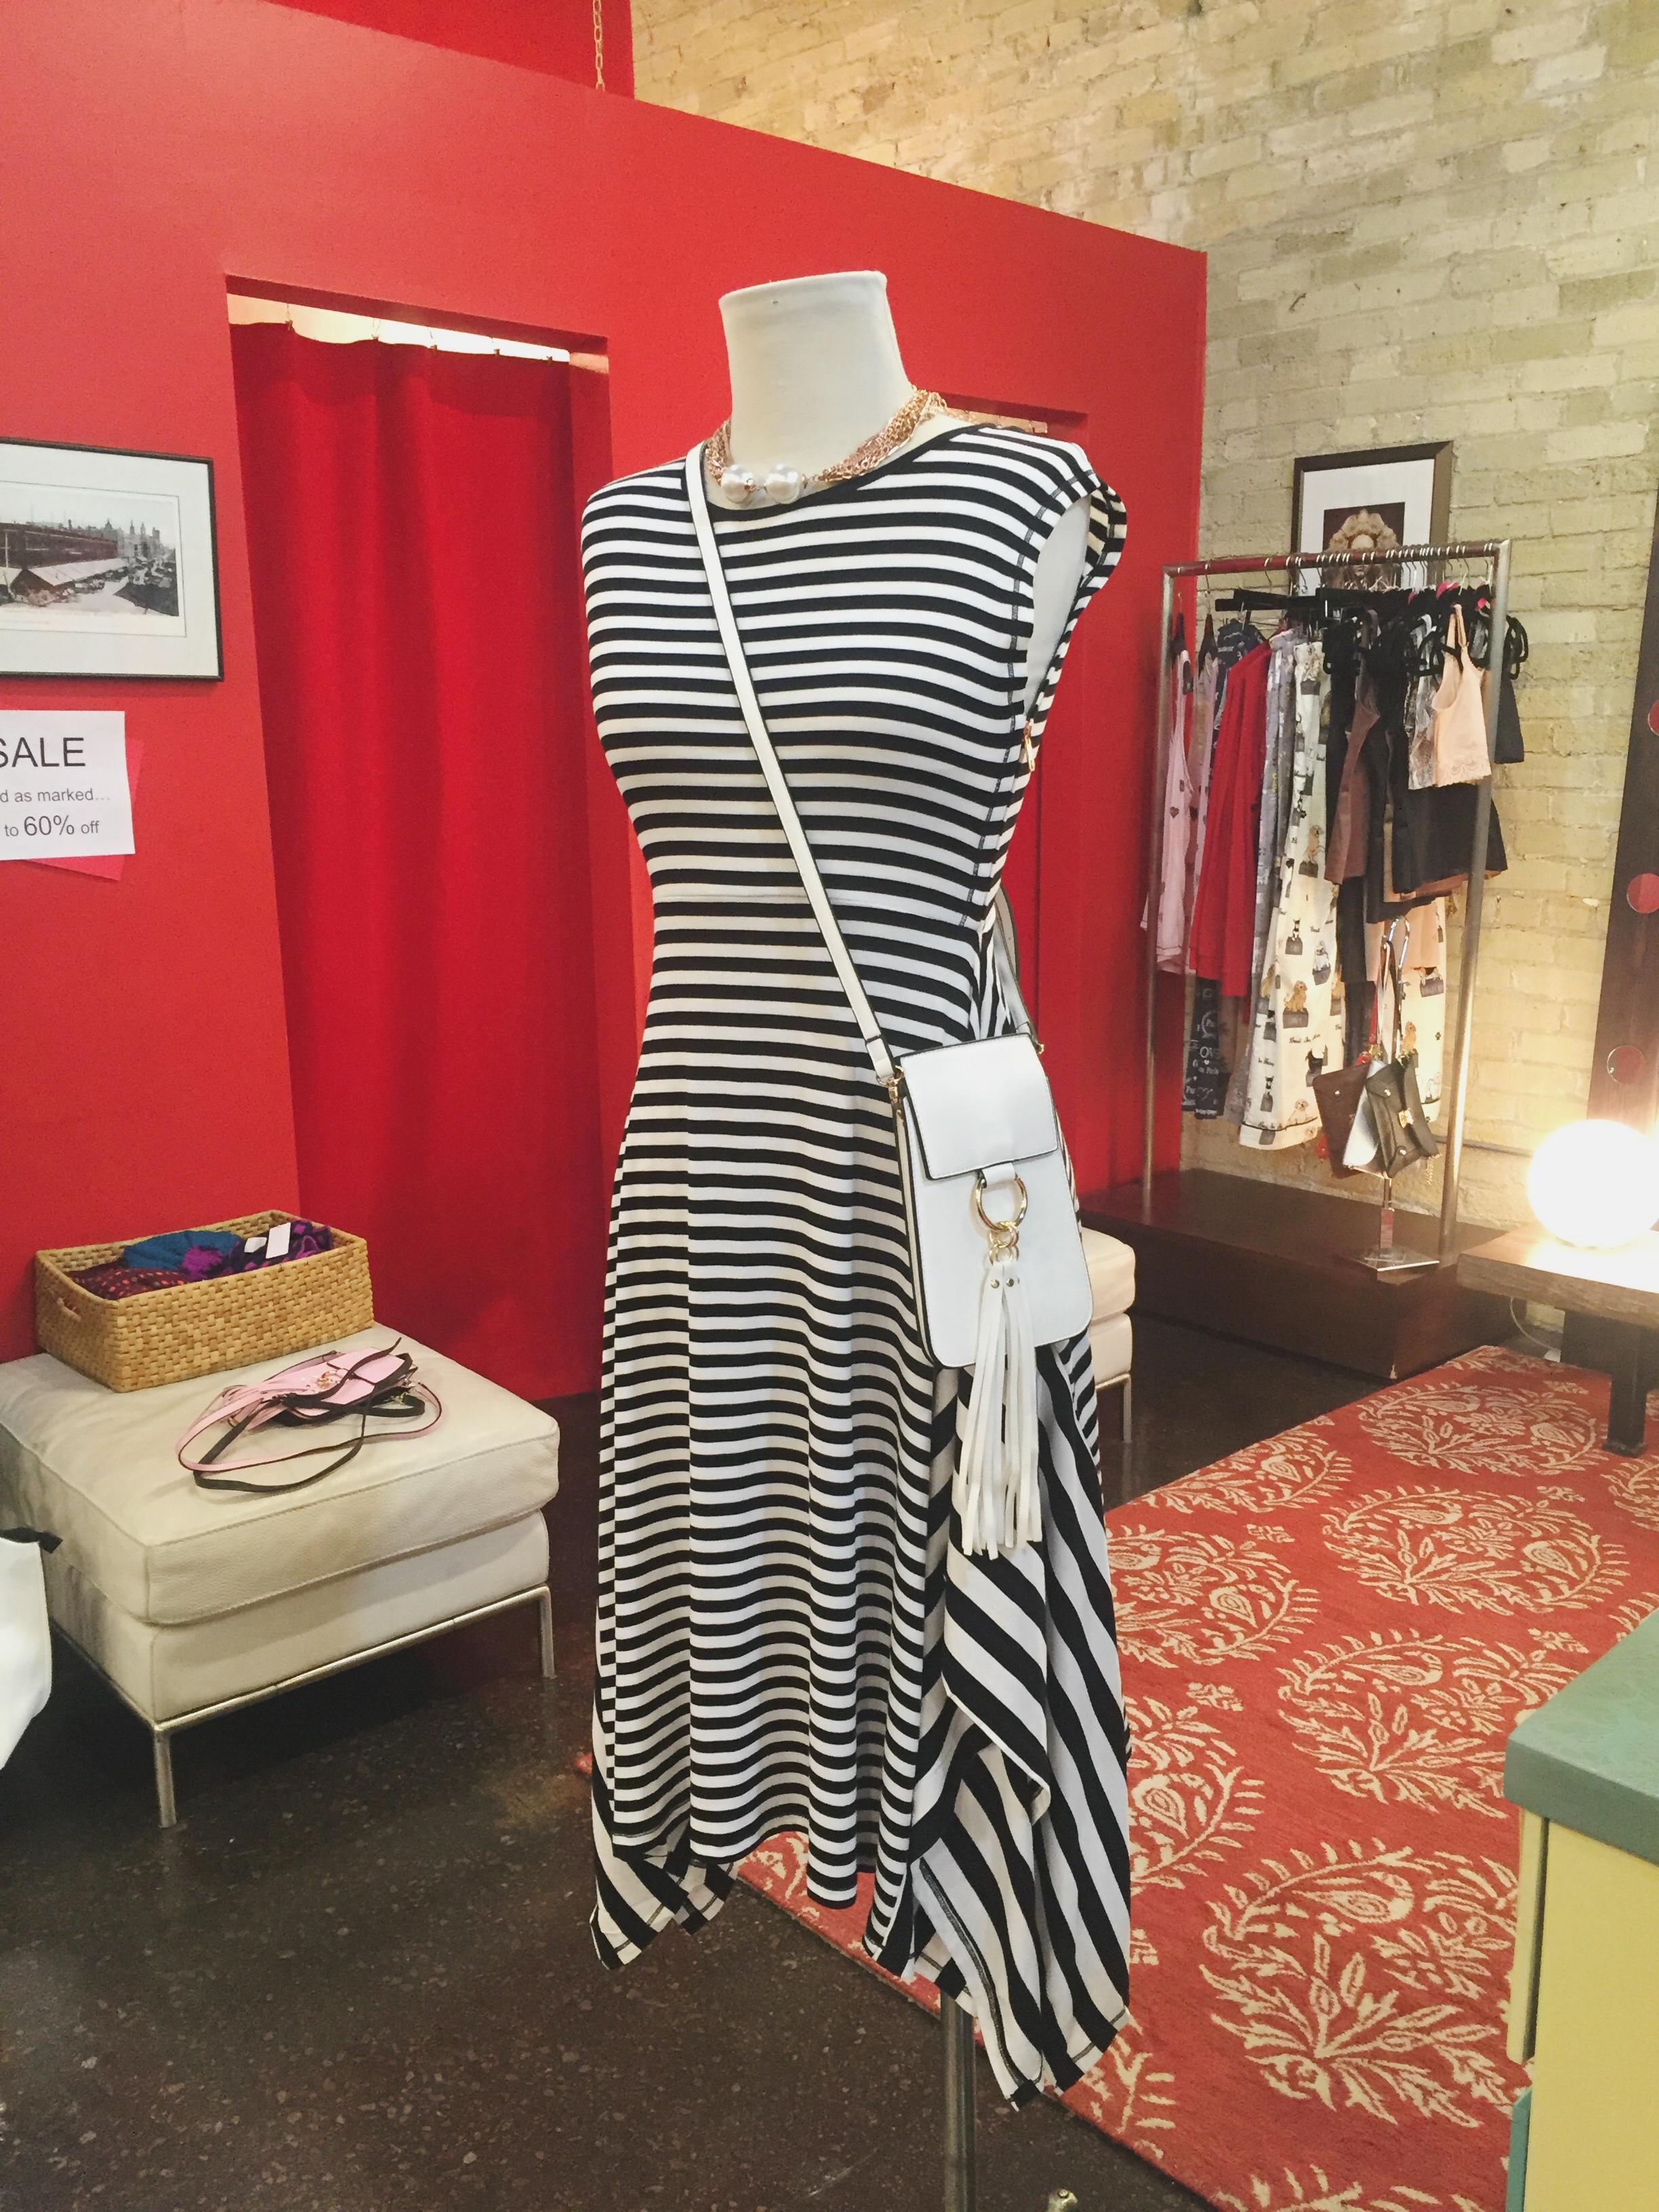 stripes-etc_34036650205_o.jpg